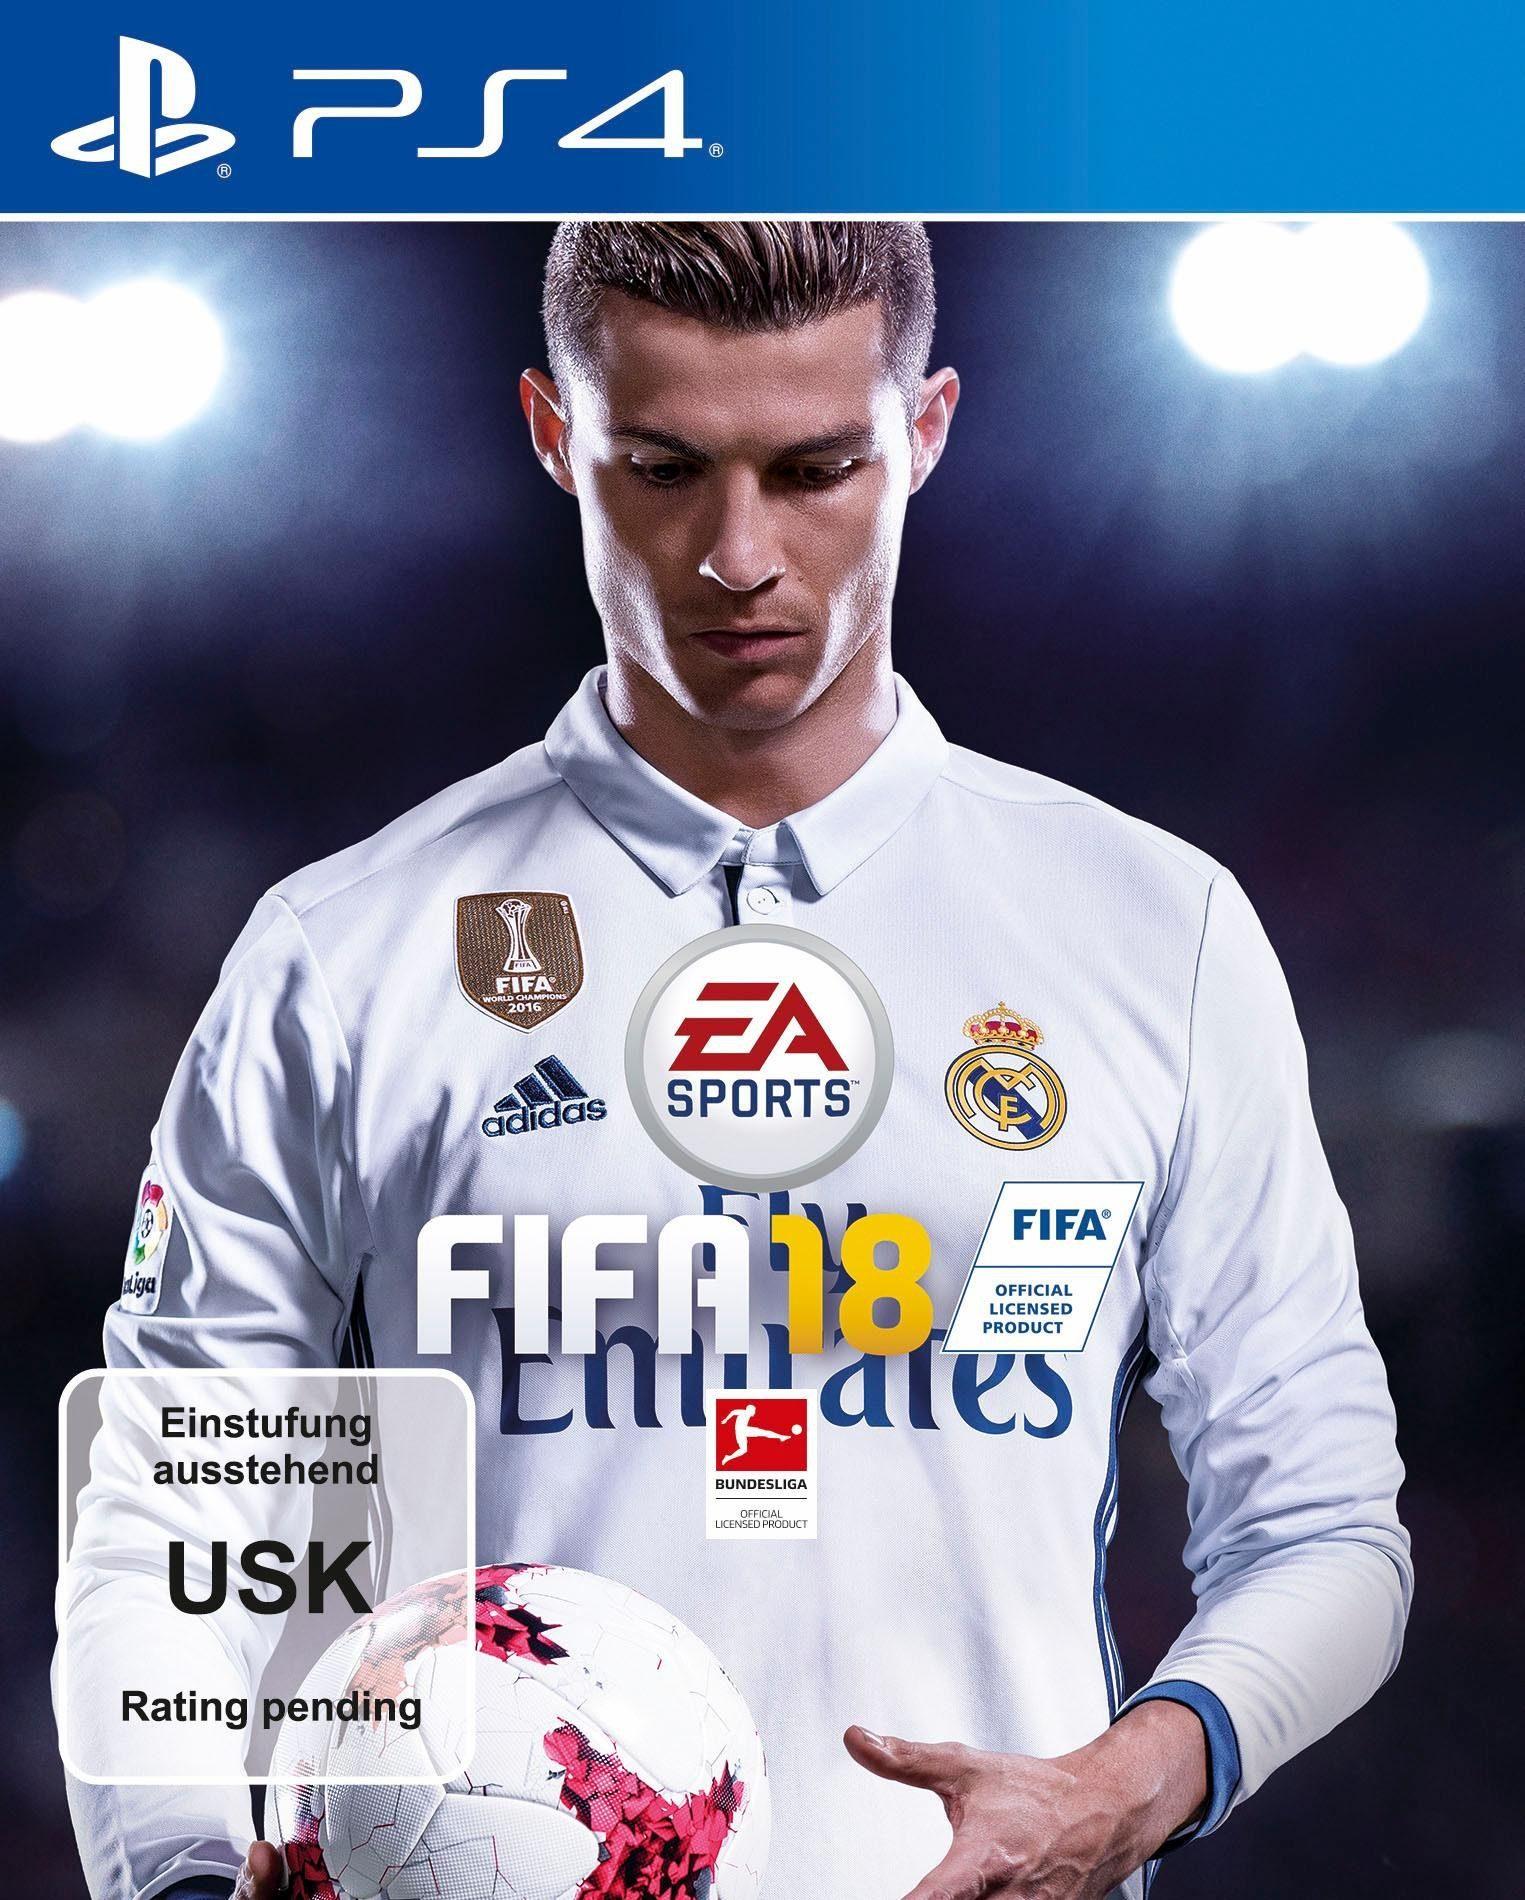 FIFA 18 für PS4, XBOX, PC und Nintendo Switch zum Bestpreis von 41,99 Euro!!! Gefunden auf otto.de :)